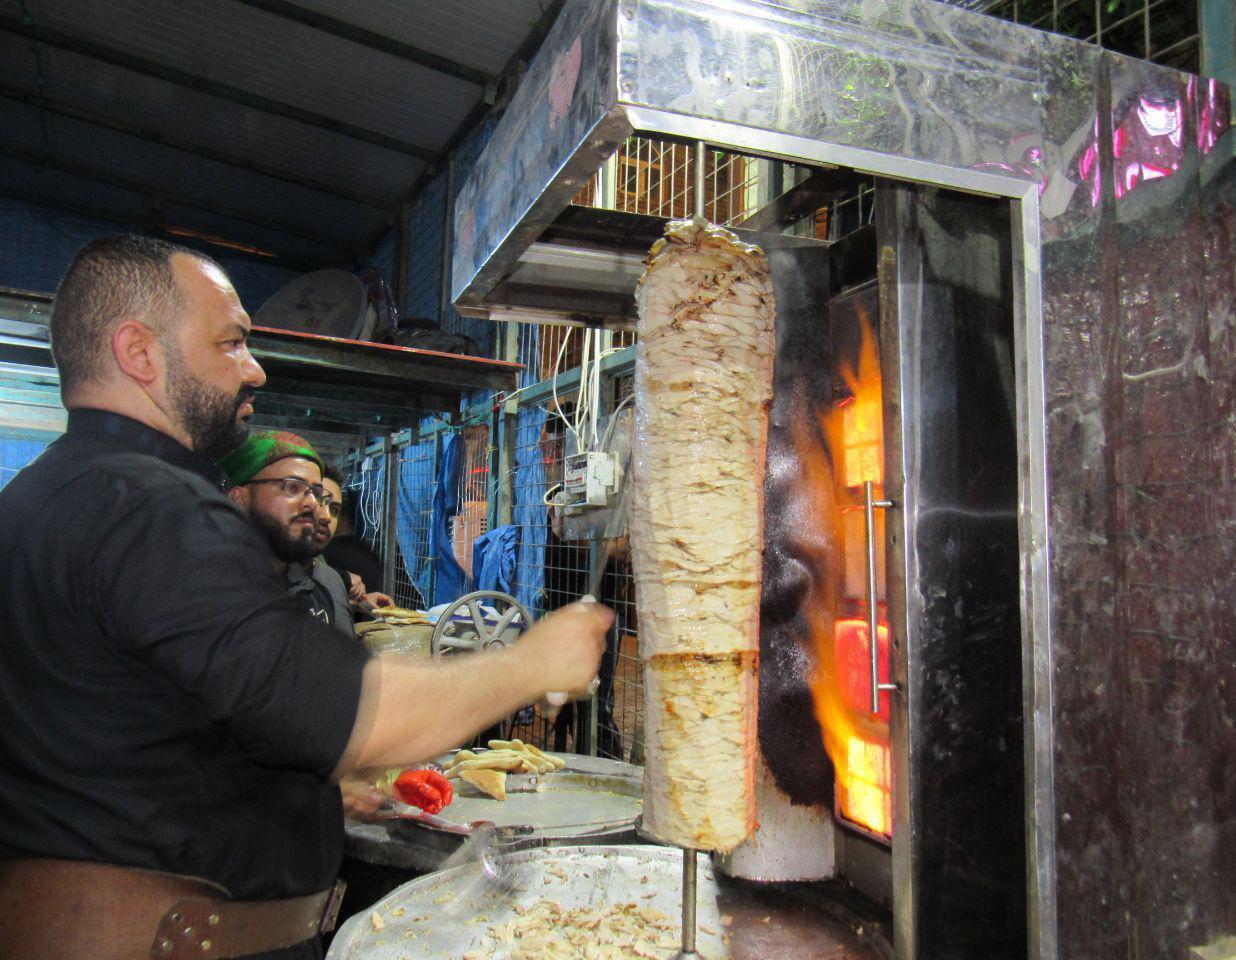 تصویر خدمت رسانی مواکب مرتبط با مرجعیت به زائران اربعین حسینی